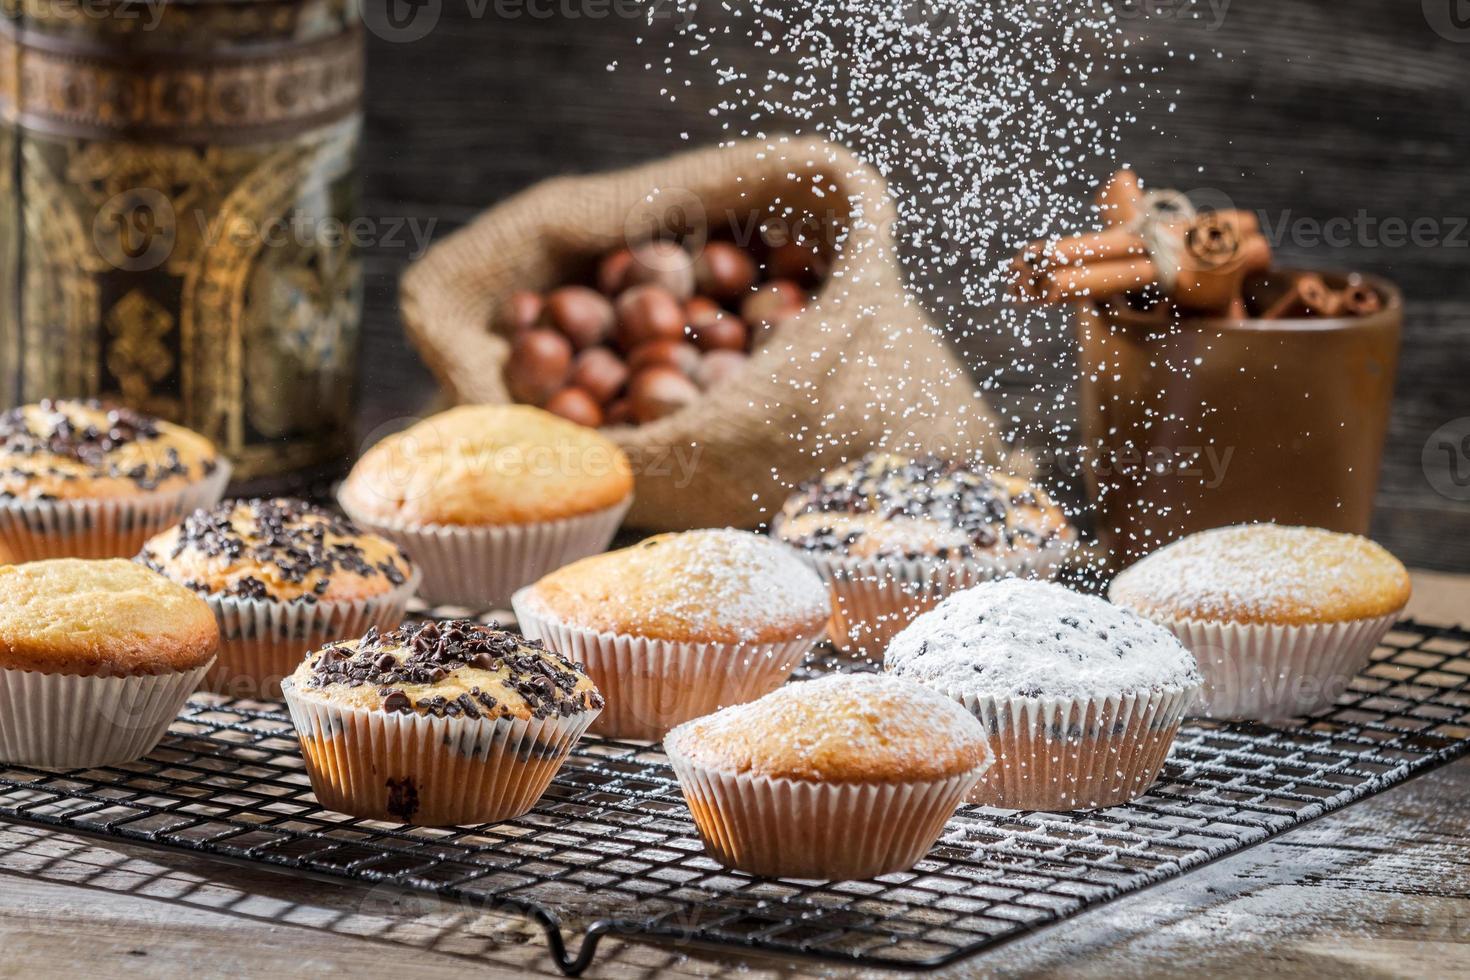 caída de azúcar en polvo en muffins de vainilla foto